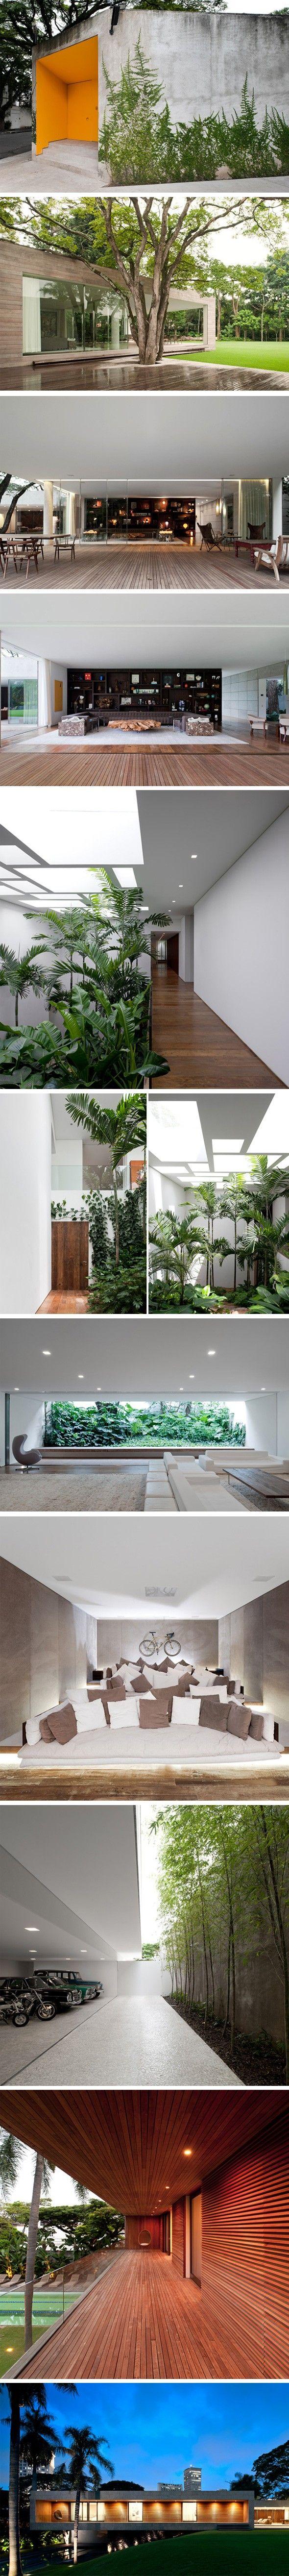 Casa Grecia en Sao Paulo Isay Weinfeld por - Diseño Diario